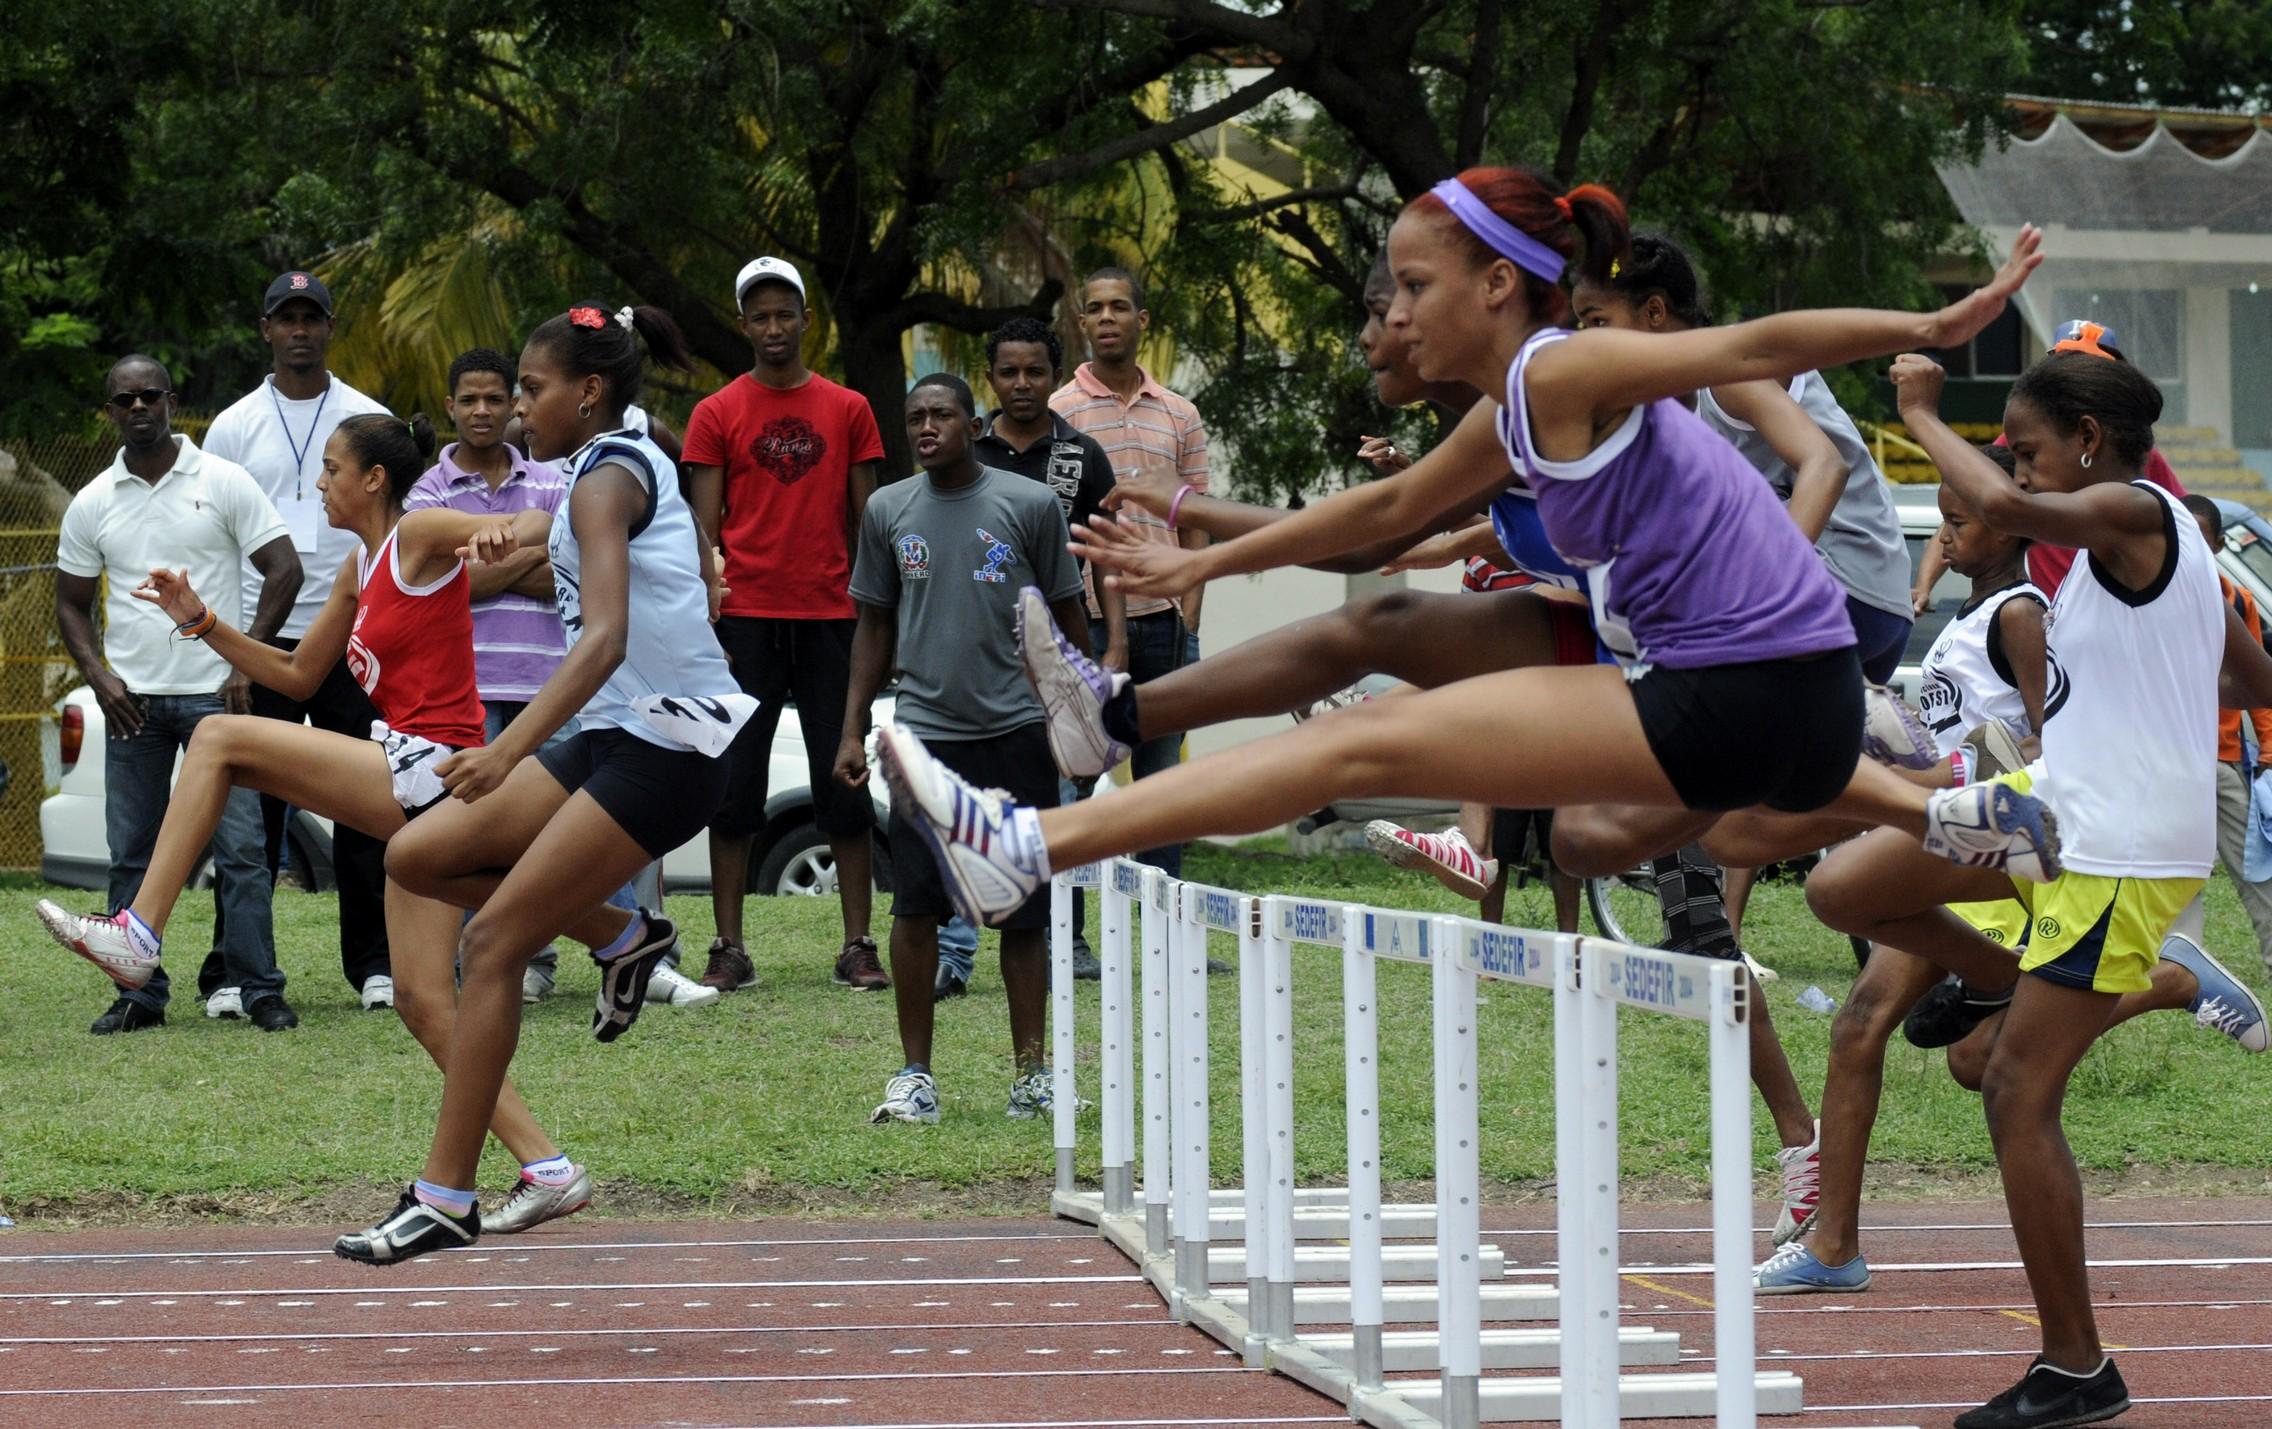 Zonas doradas en atletismo Juegos Escolares